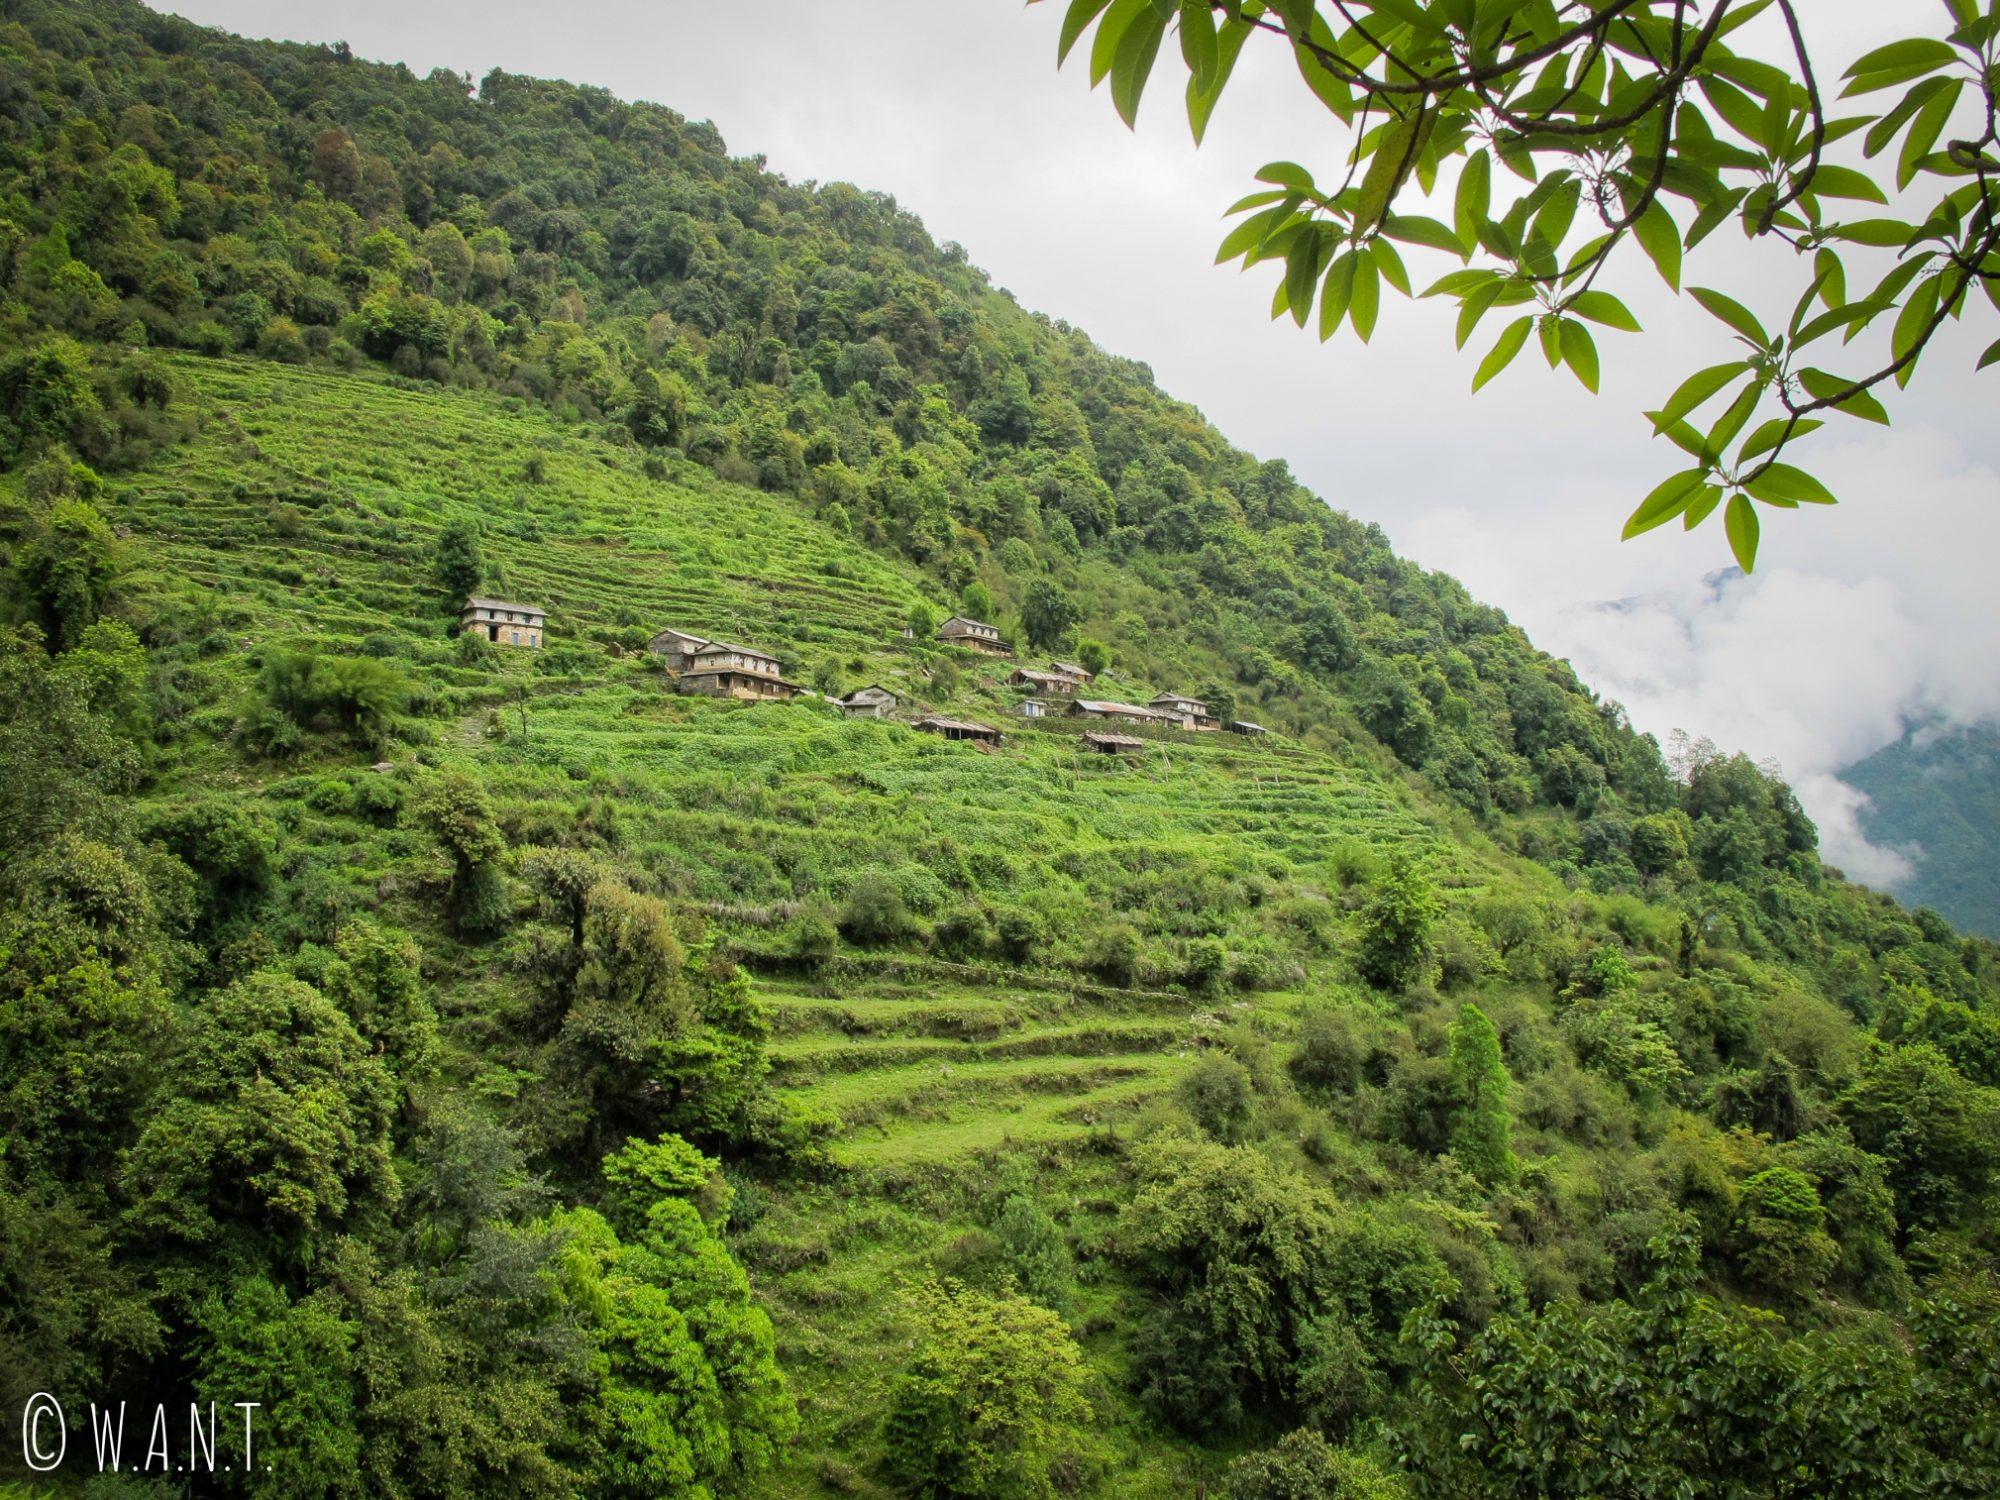 La pluie ne va pas tarder à arriver mais ceci est le dernier village avant d'atteindre Chhomrong